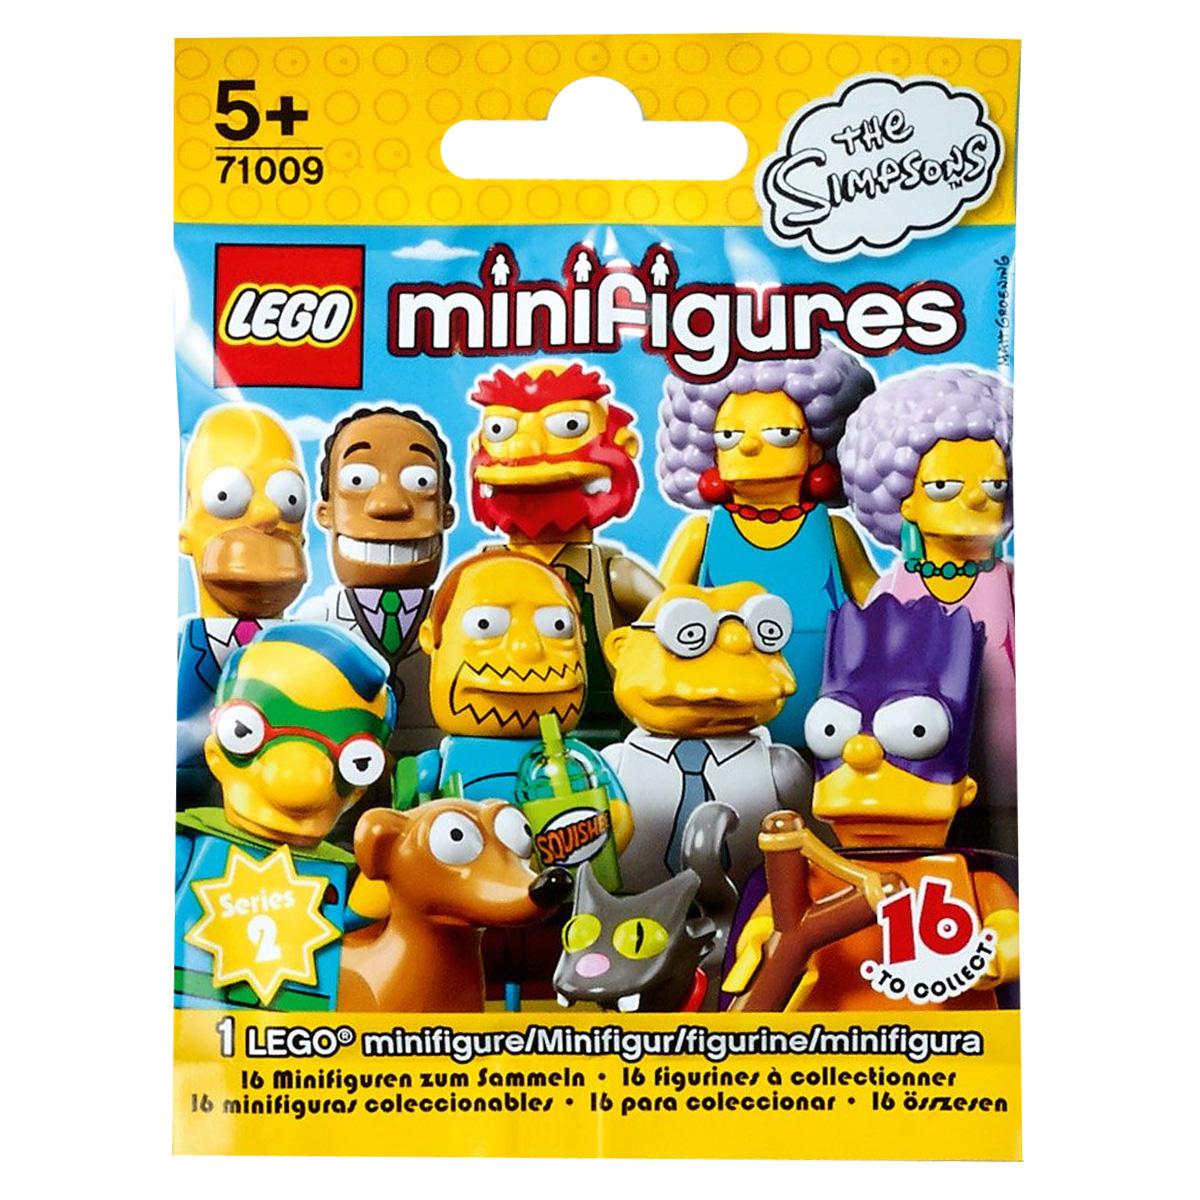 LEGO Minifigures Конструктор Simpsons 71009 конструктор lego minifigures lego® серия 15 71011